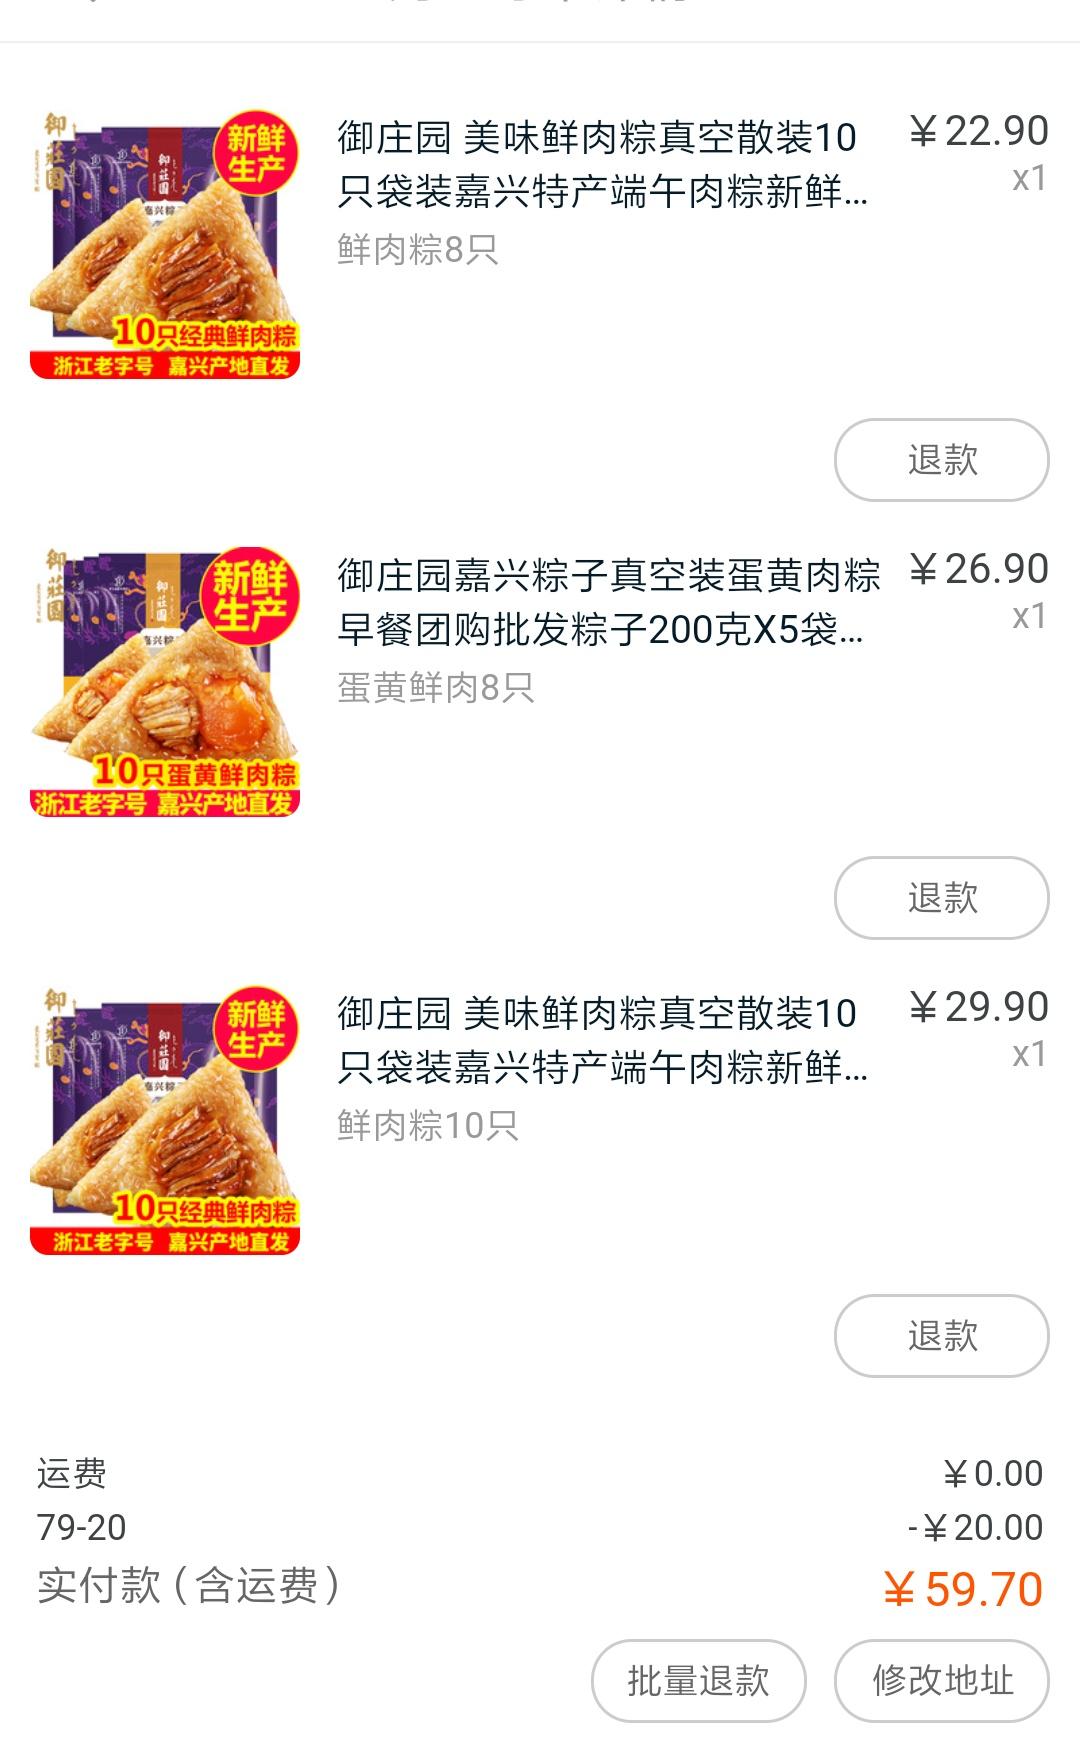 一淘早饭肉粽蛋黄肉粽好价1.5一个